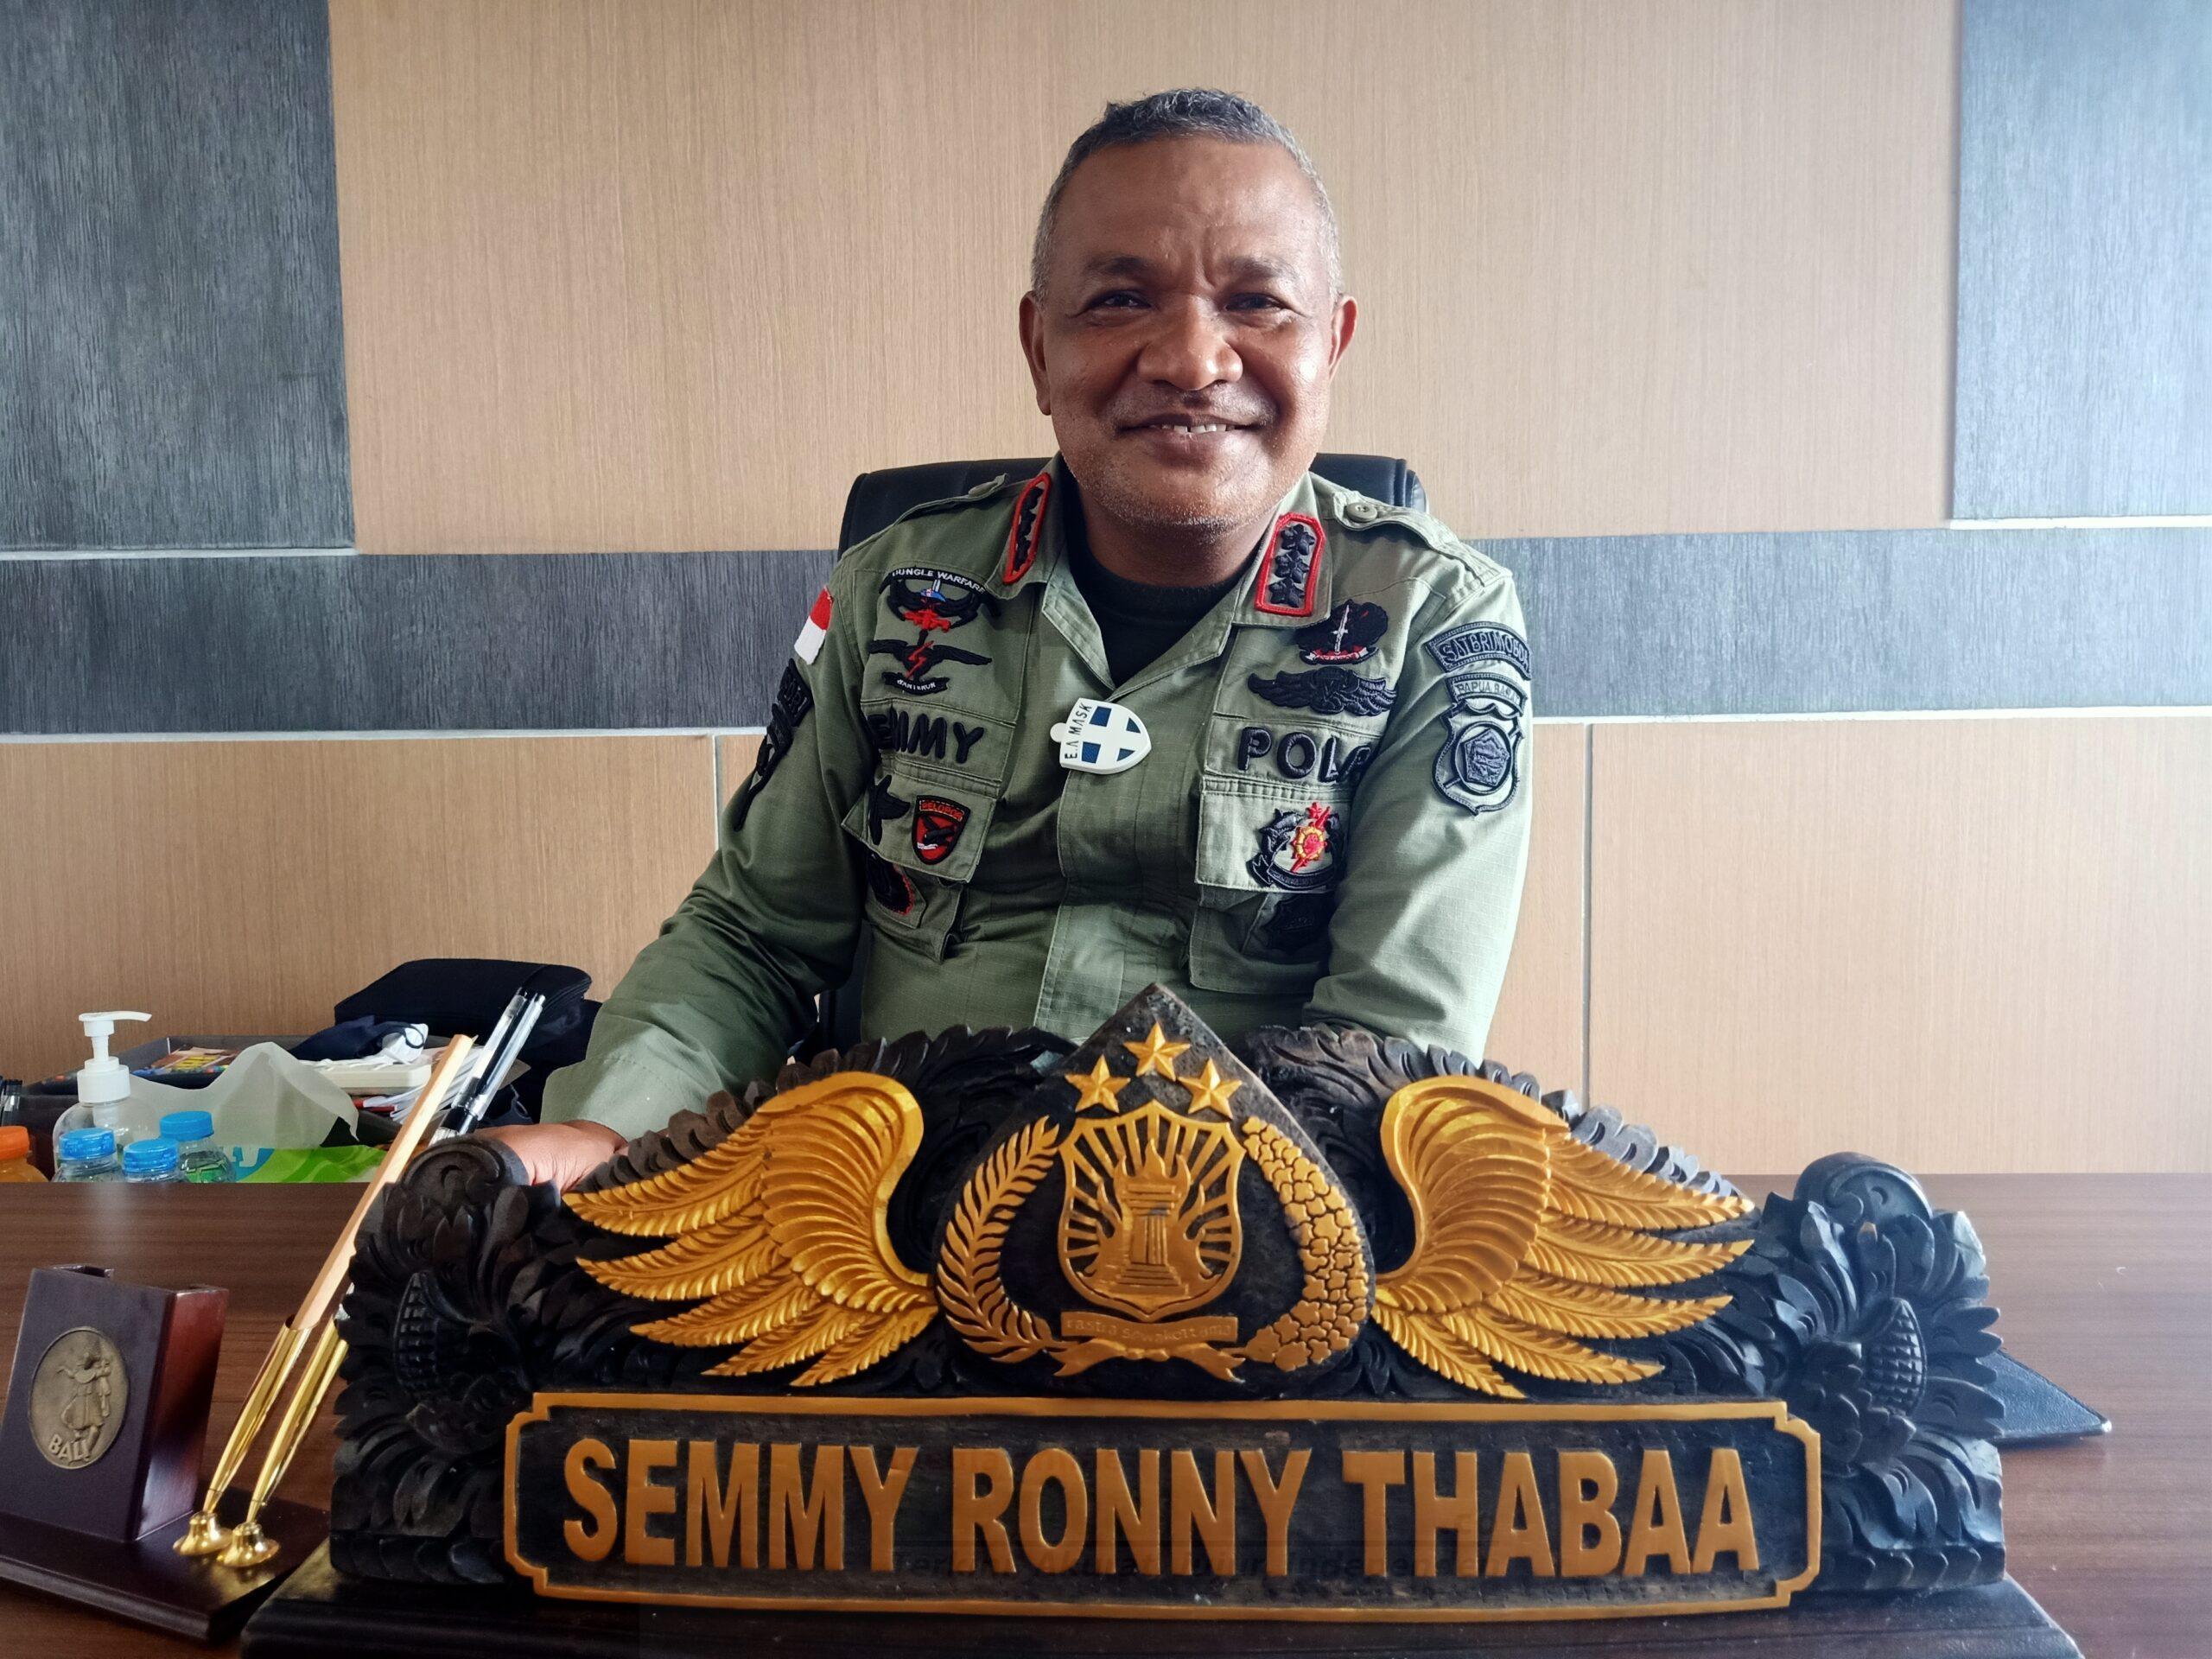 Ditarik Kembali ke Kesatuan Anggota Brimob Polda Papua Barat Bertugas Mengawal Vaksin Covid-19 1 IMG20201223163515 scaled